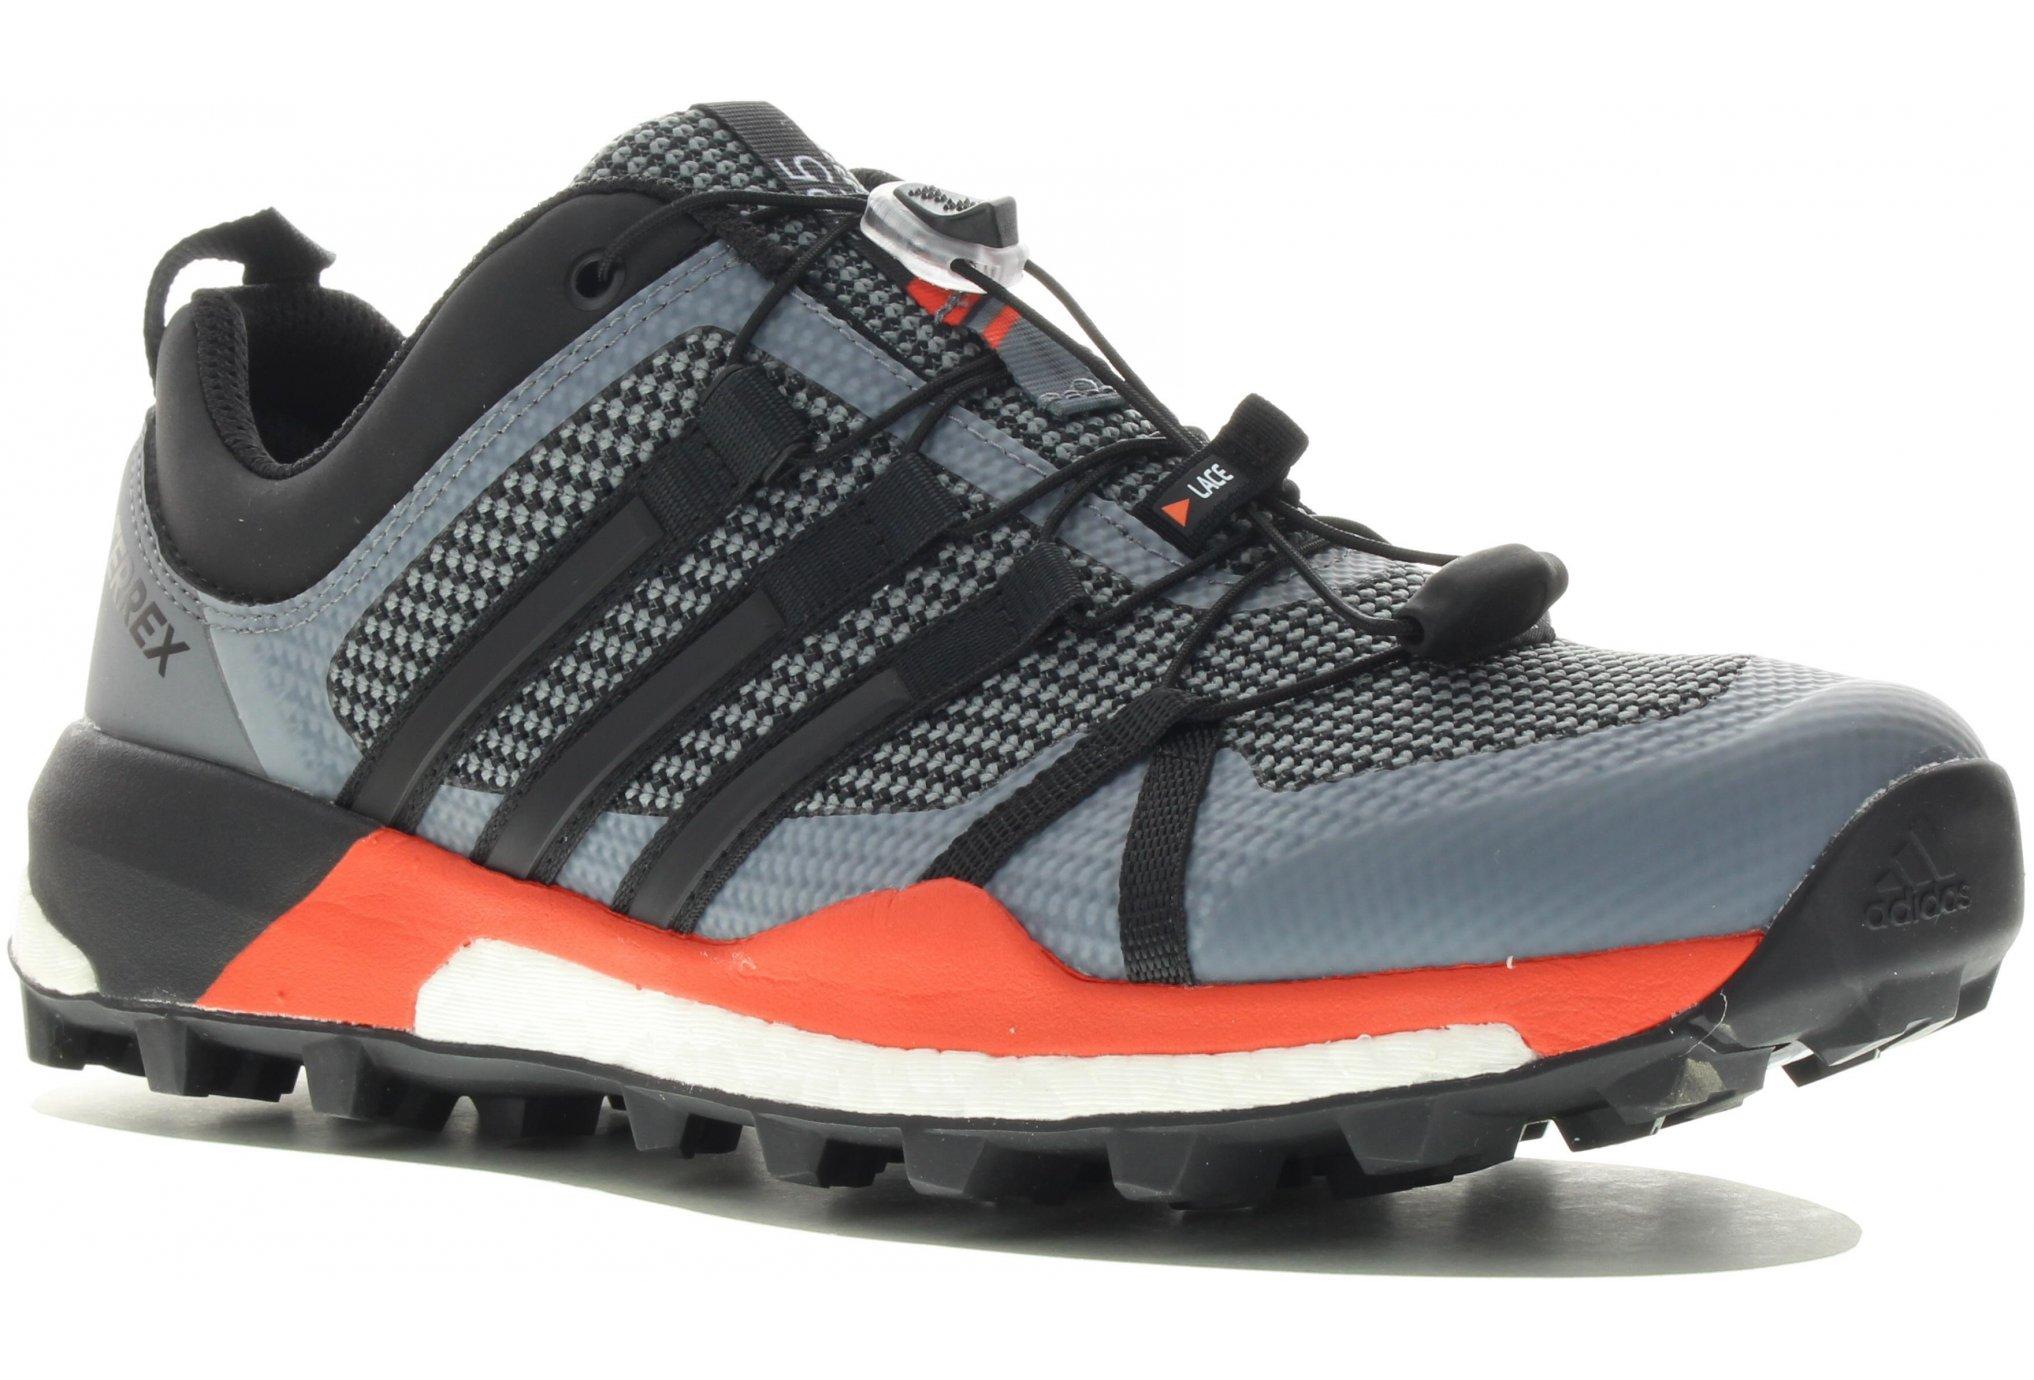 Sortie élégante chaussure adidas doigt de pied 'Patch' Noir